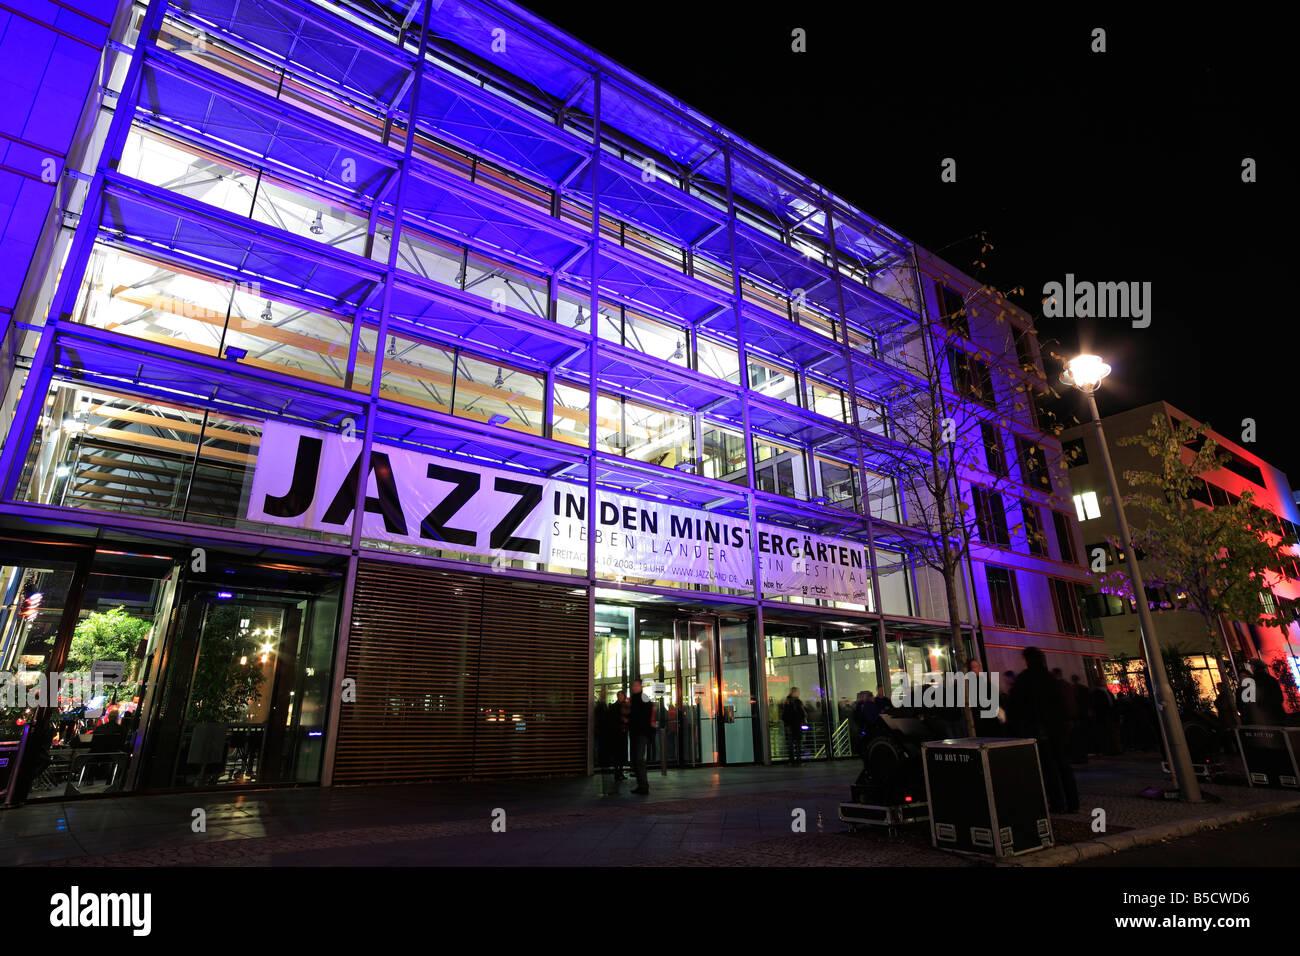 festival of the lights 2008 in Berlin; illuminated building; Jazz In den Ministergärten - Stock Image